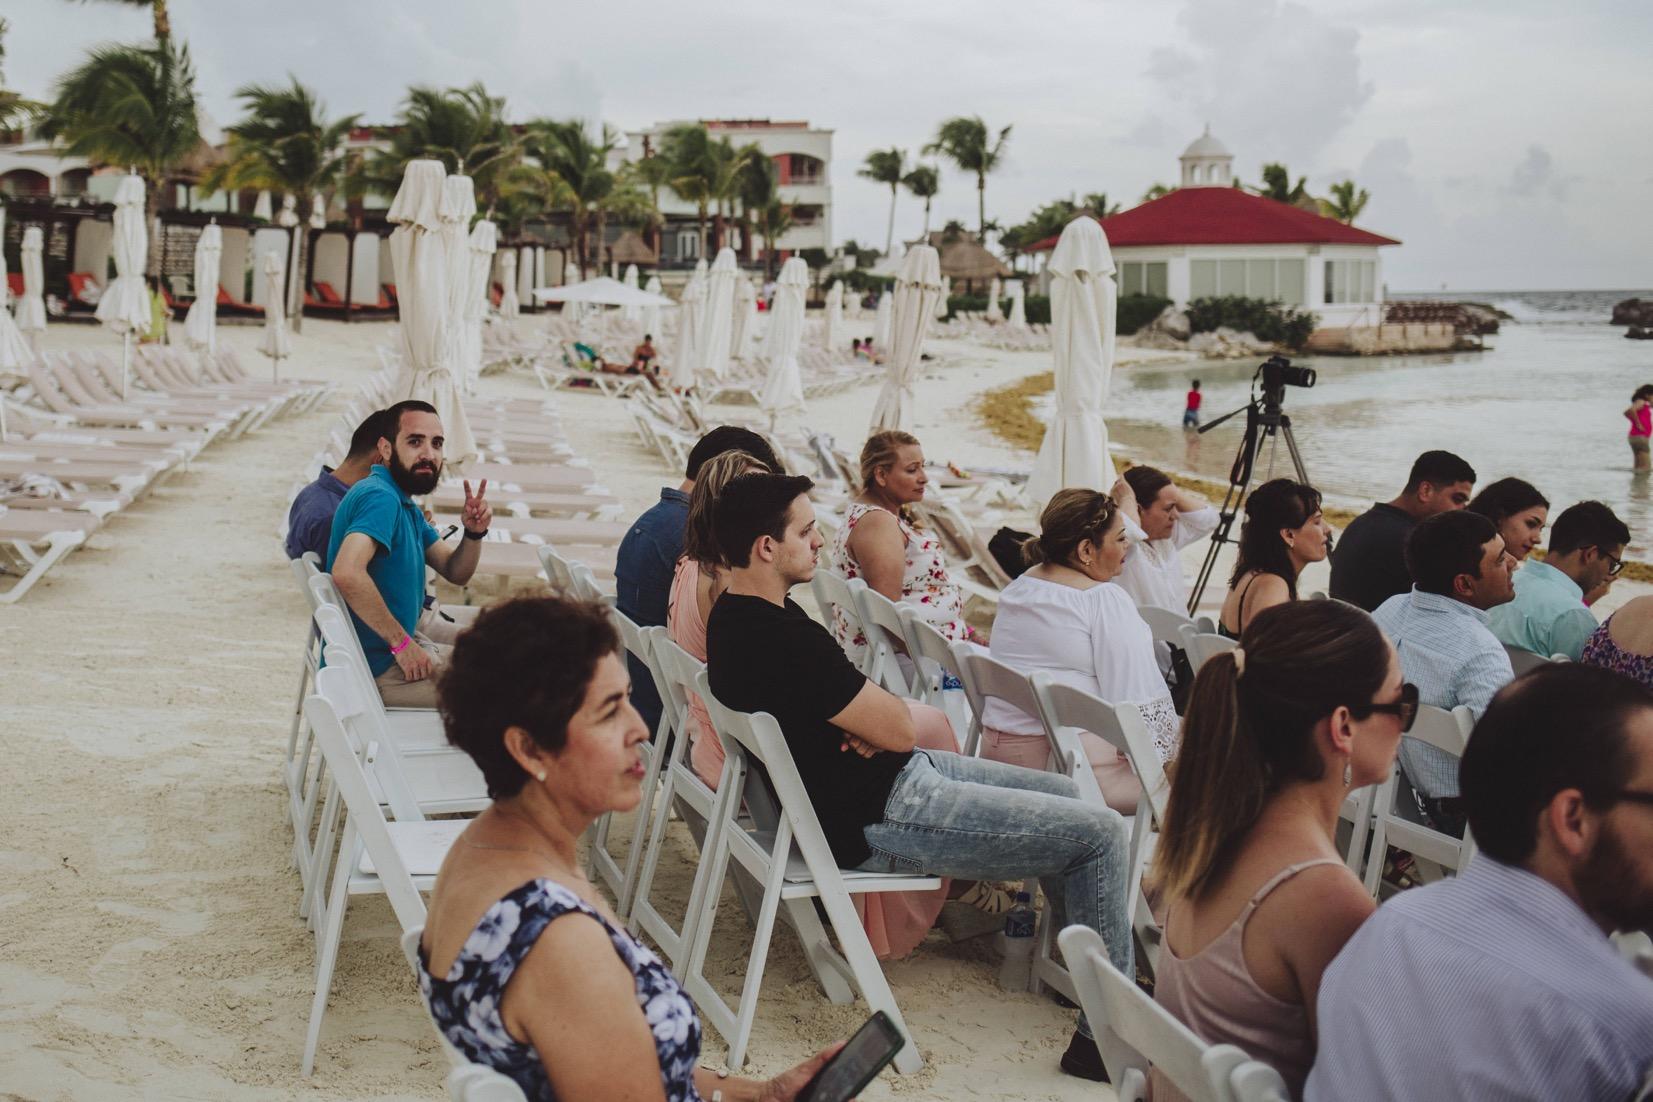 fotografo_bodas_profesional_zacatecas_riviera_maya_cancun-38